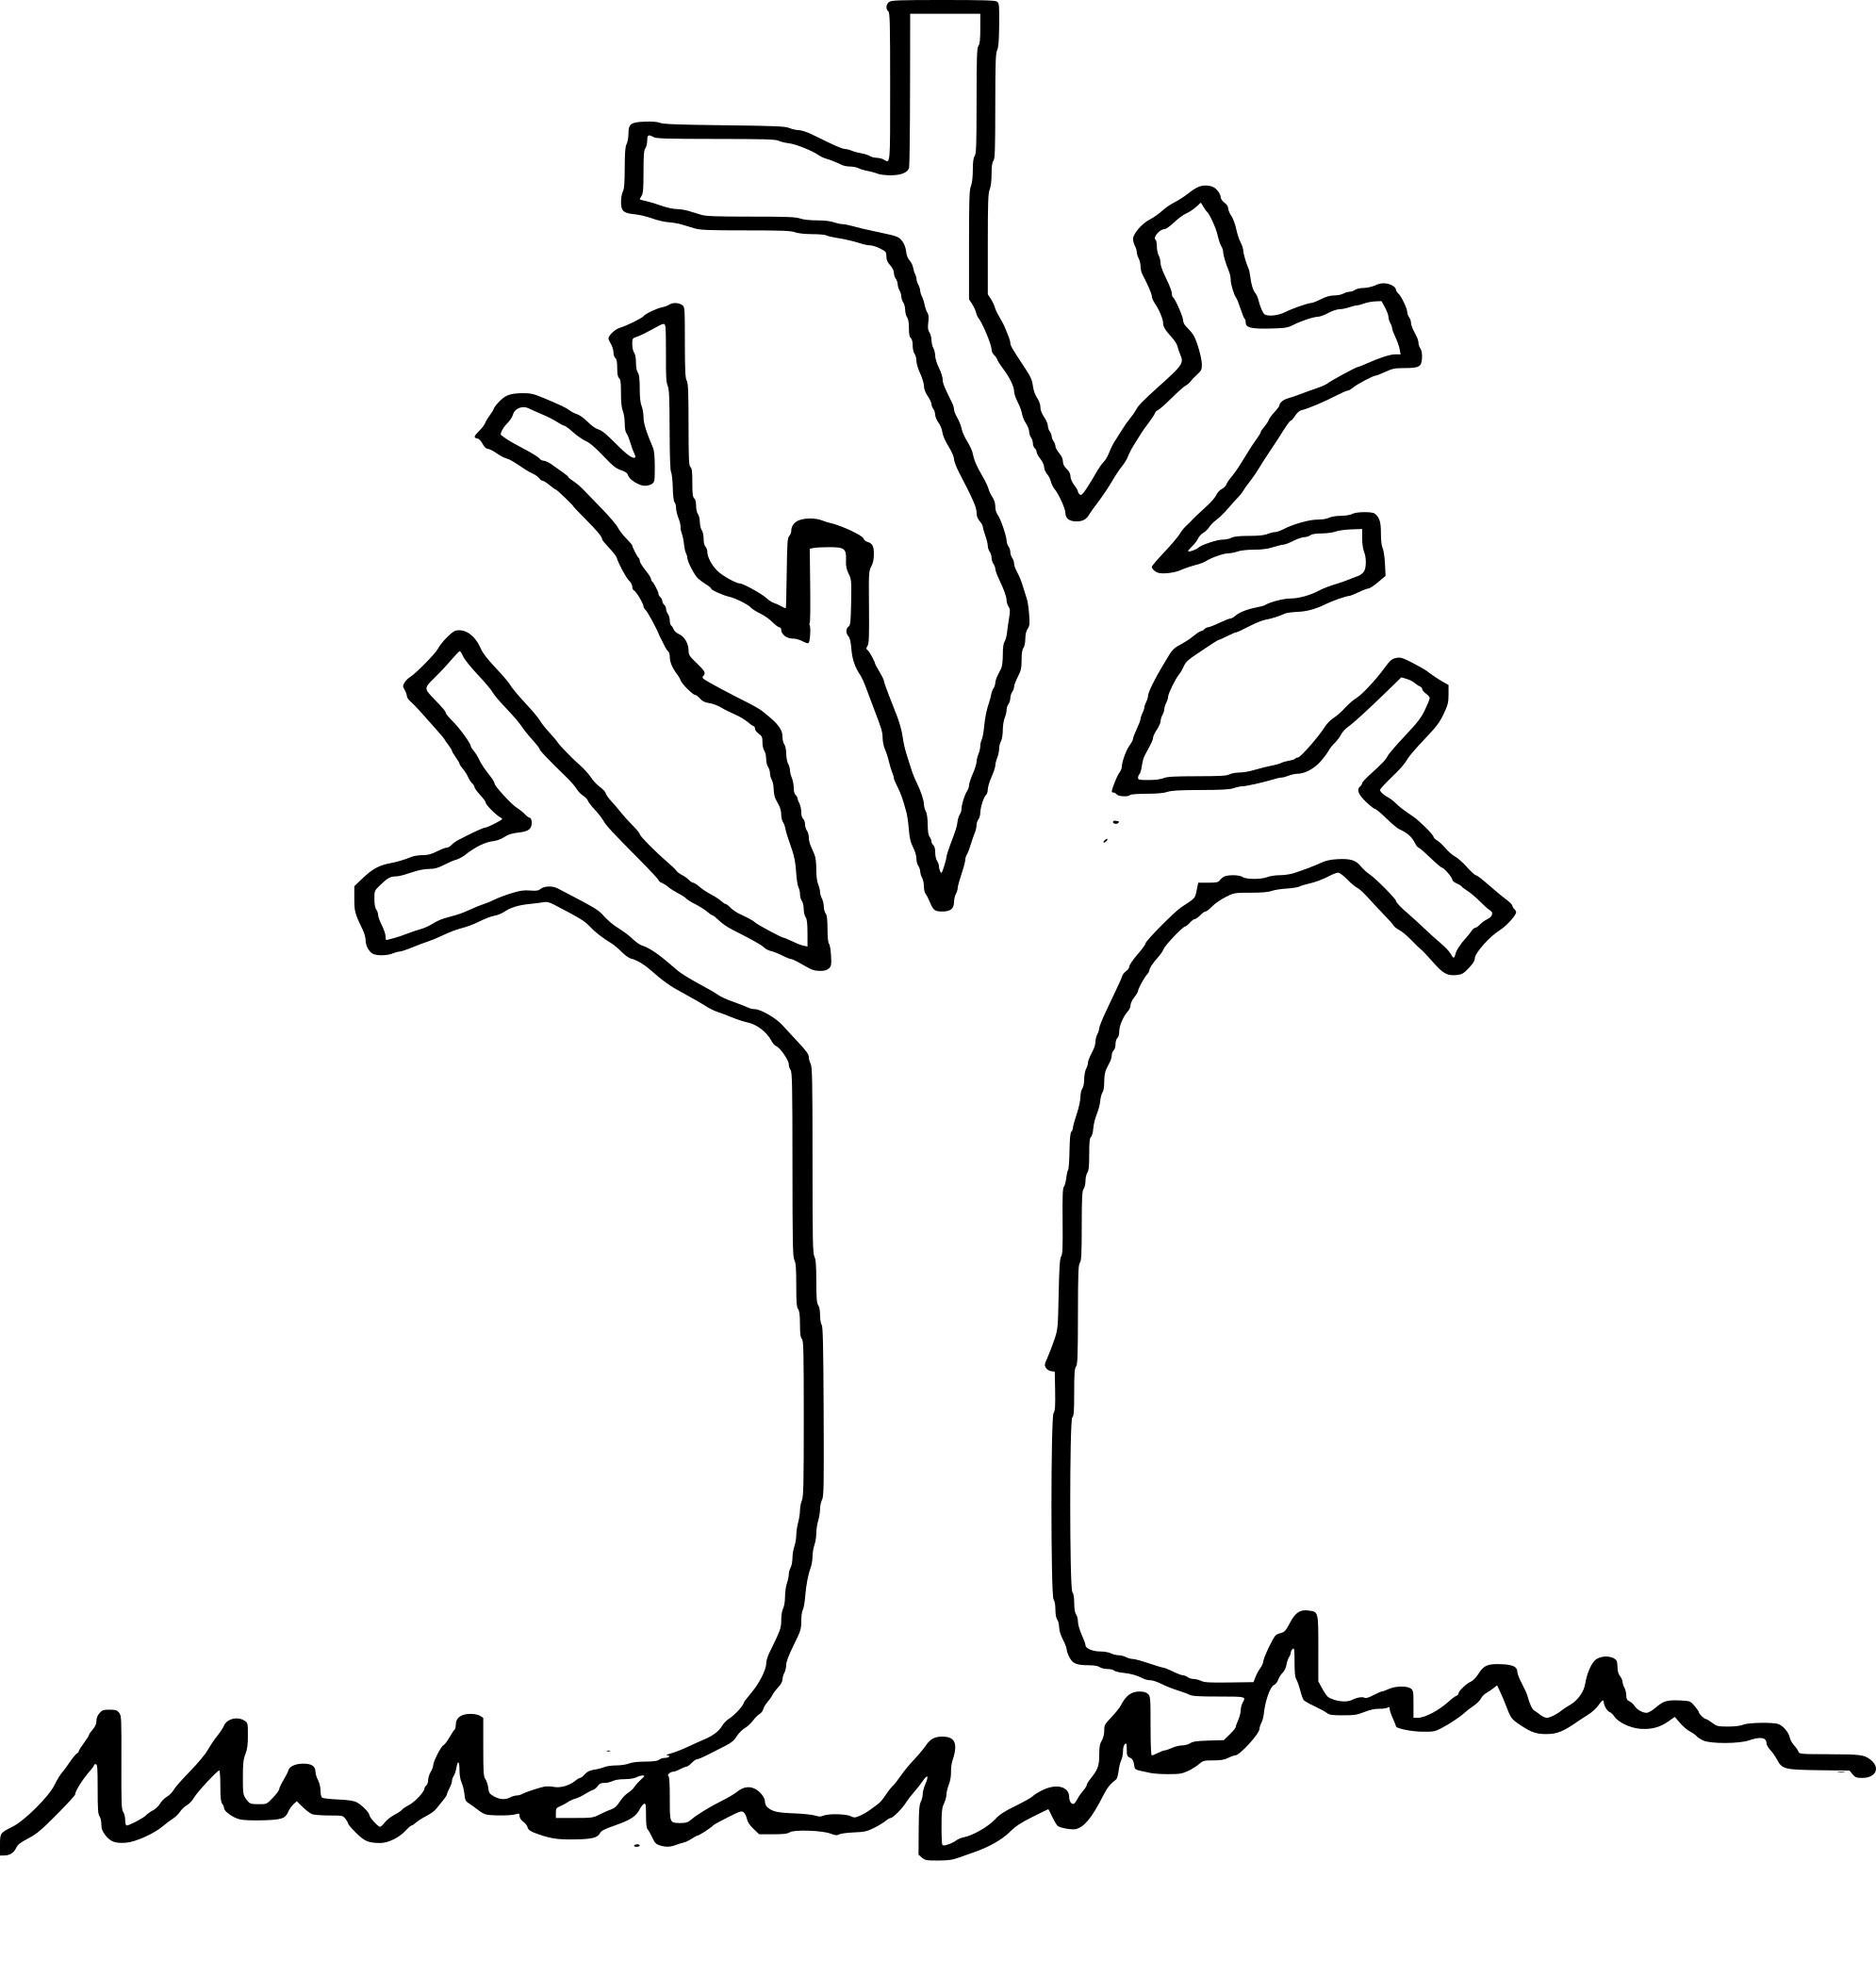 Arbre Sans Feuille Coloriage – Gamboahinestrosa intérieur Arbre A Colorier Et A Imprimer